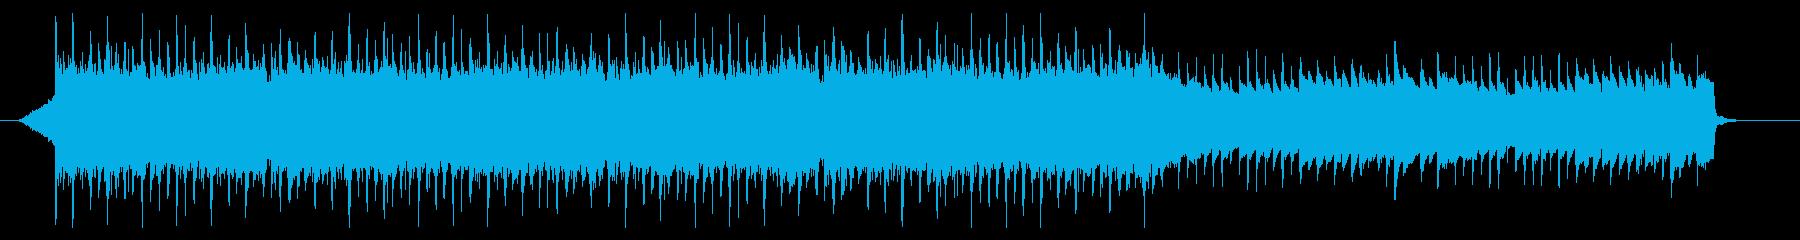 サビのみver 広がり 豪華 キラキラの再生済みの波形